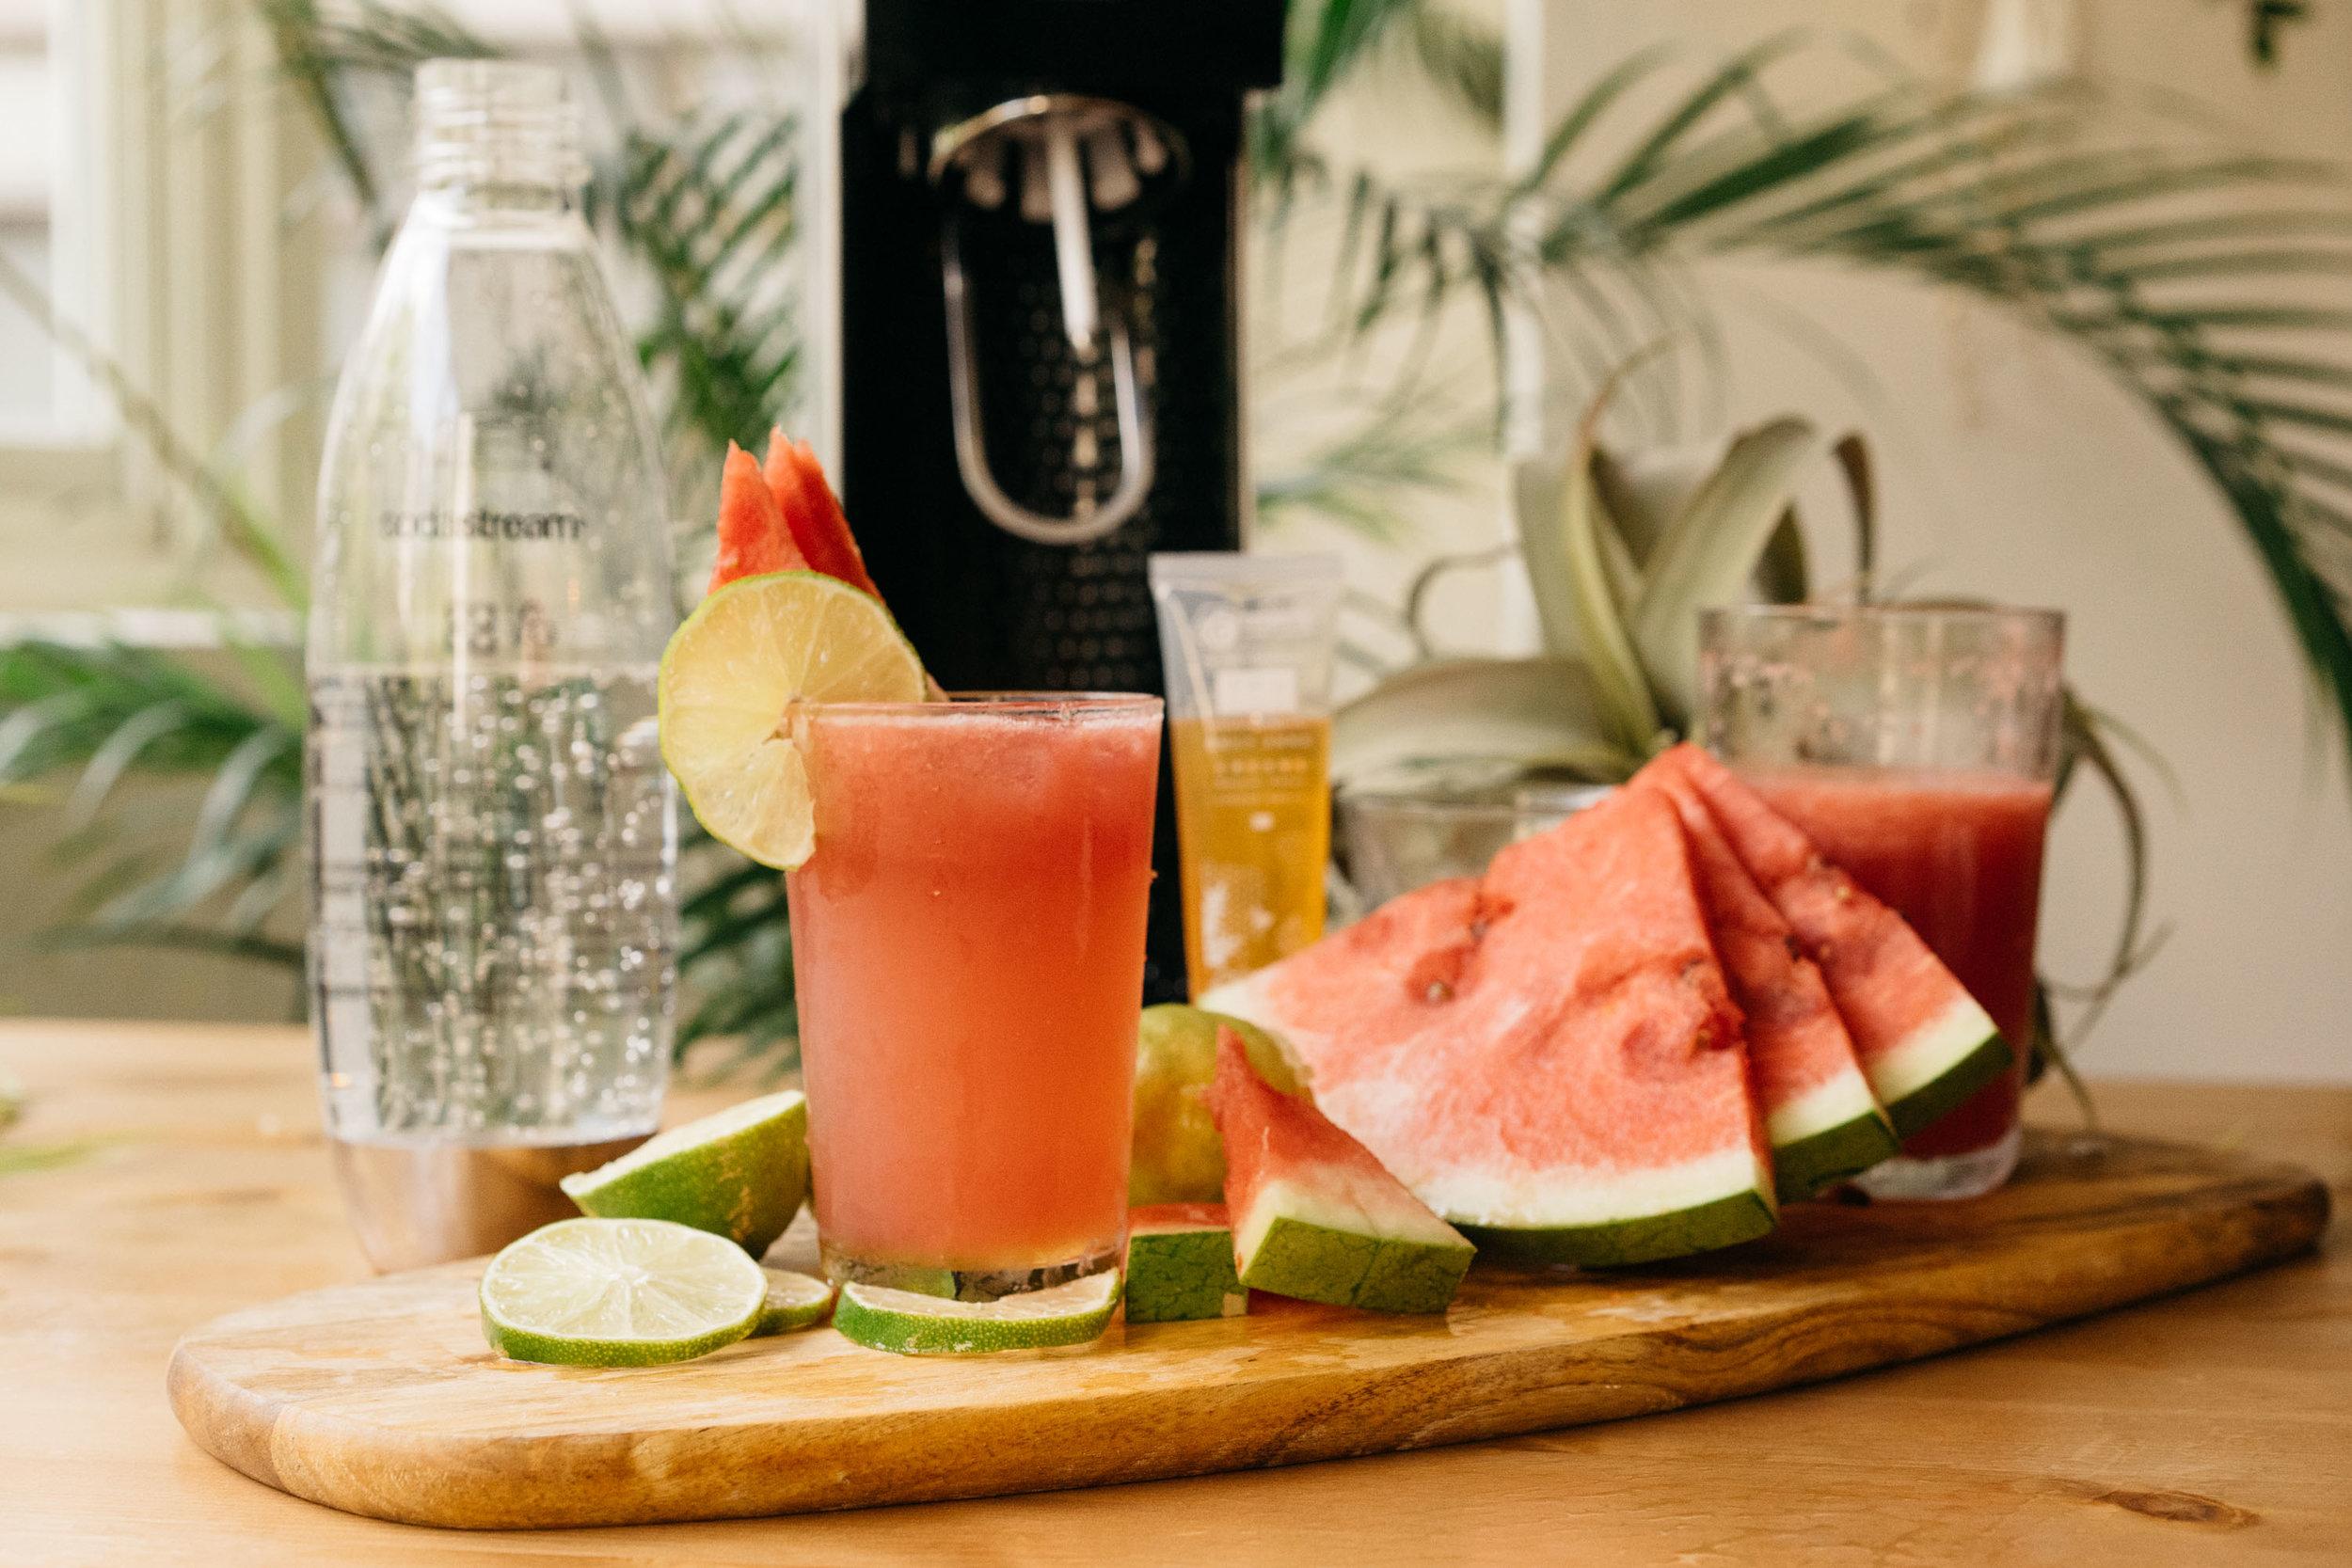 | 材料 |  西瓜汁180ml+檸檬汁30ml+蔗糖少許+汽泡水100ml  | 作法 |  全部材料放入飲料杯中,攪拌均勻。  加入冰塊,倒入氣泡水,最後可以放上薄荷葉,檸檬片或你想放西瓜片做裝飾都可以。